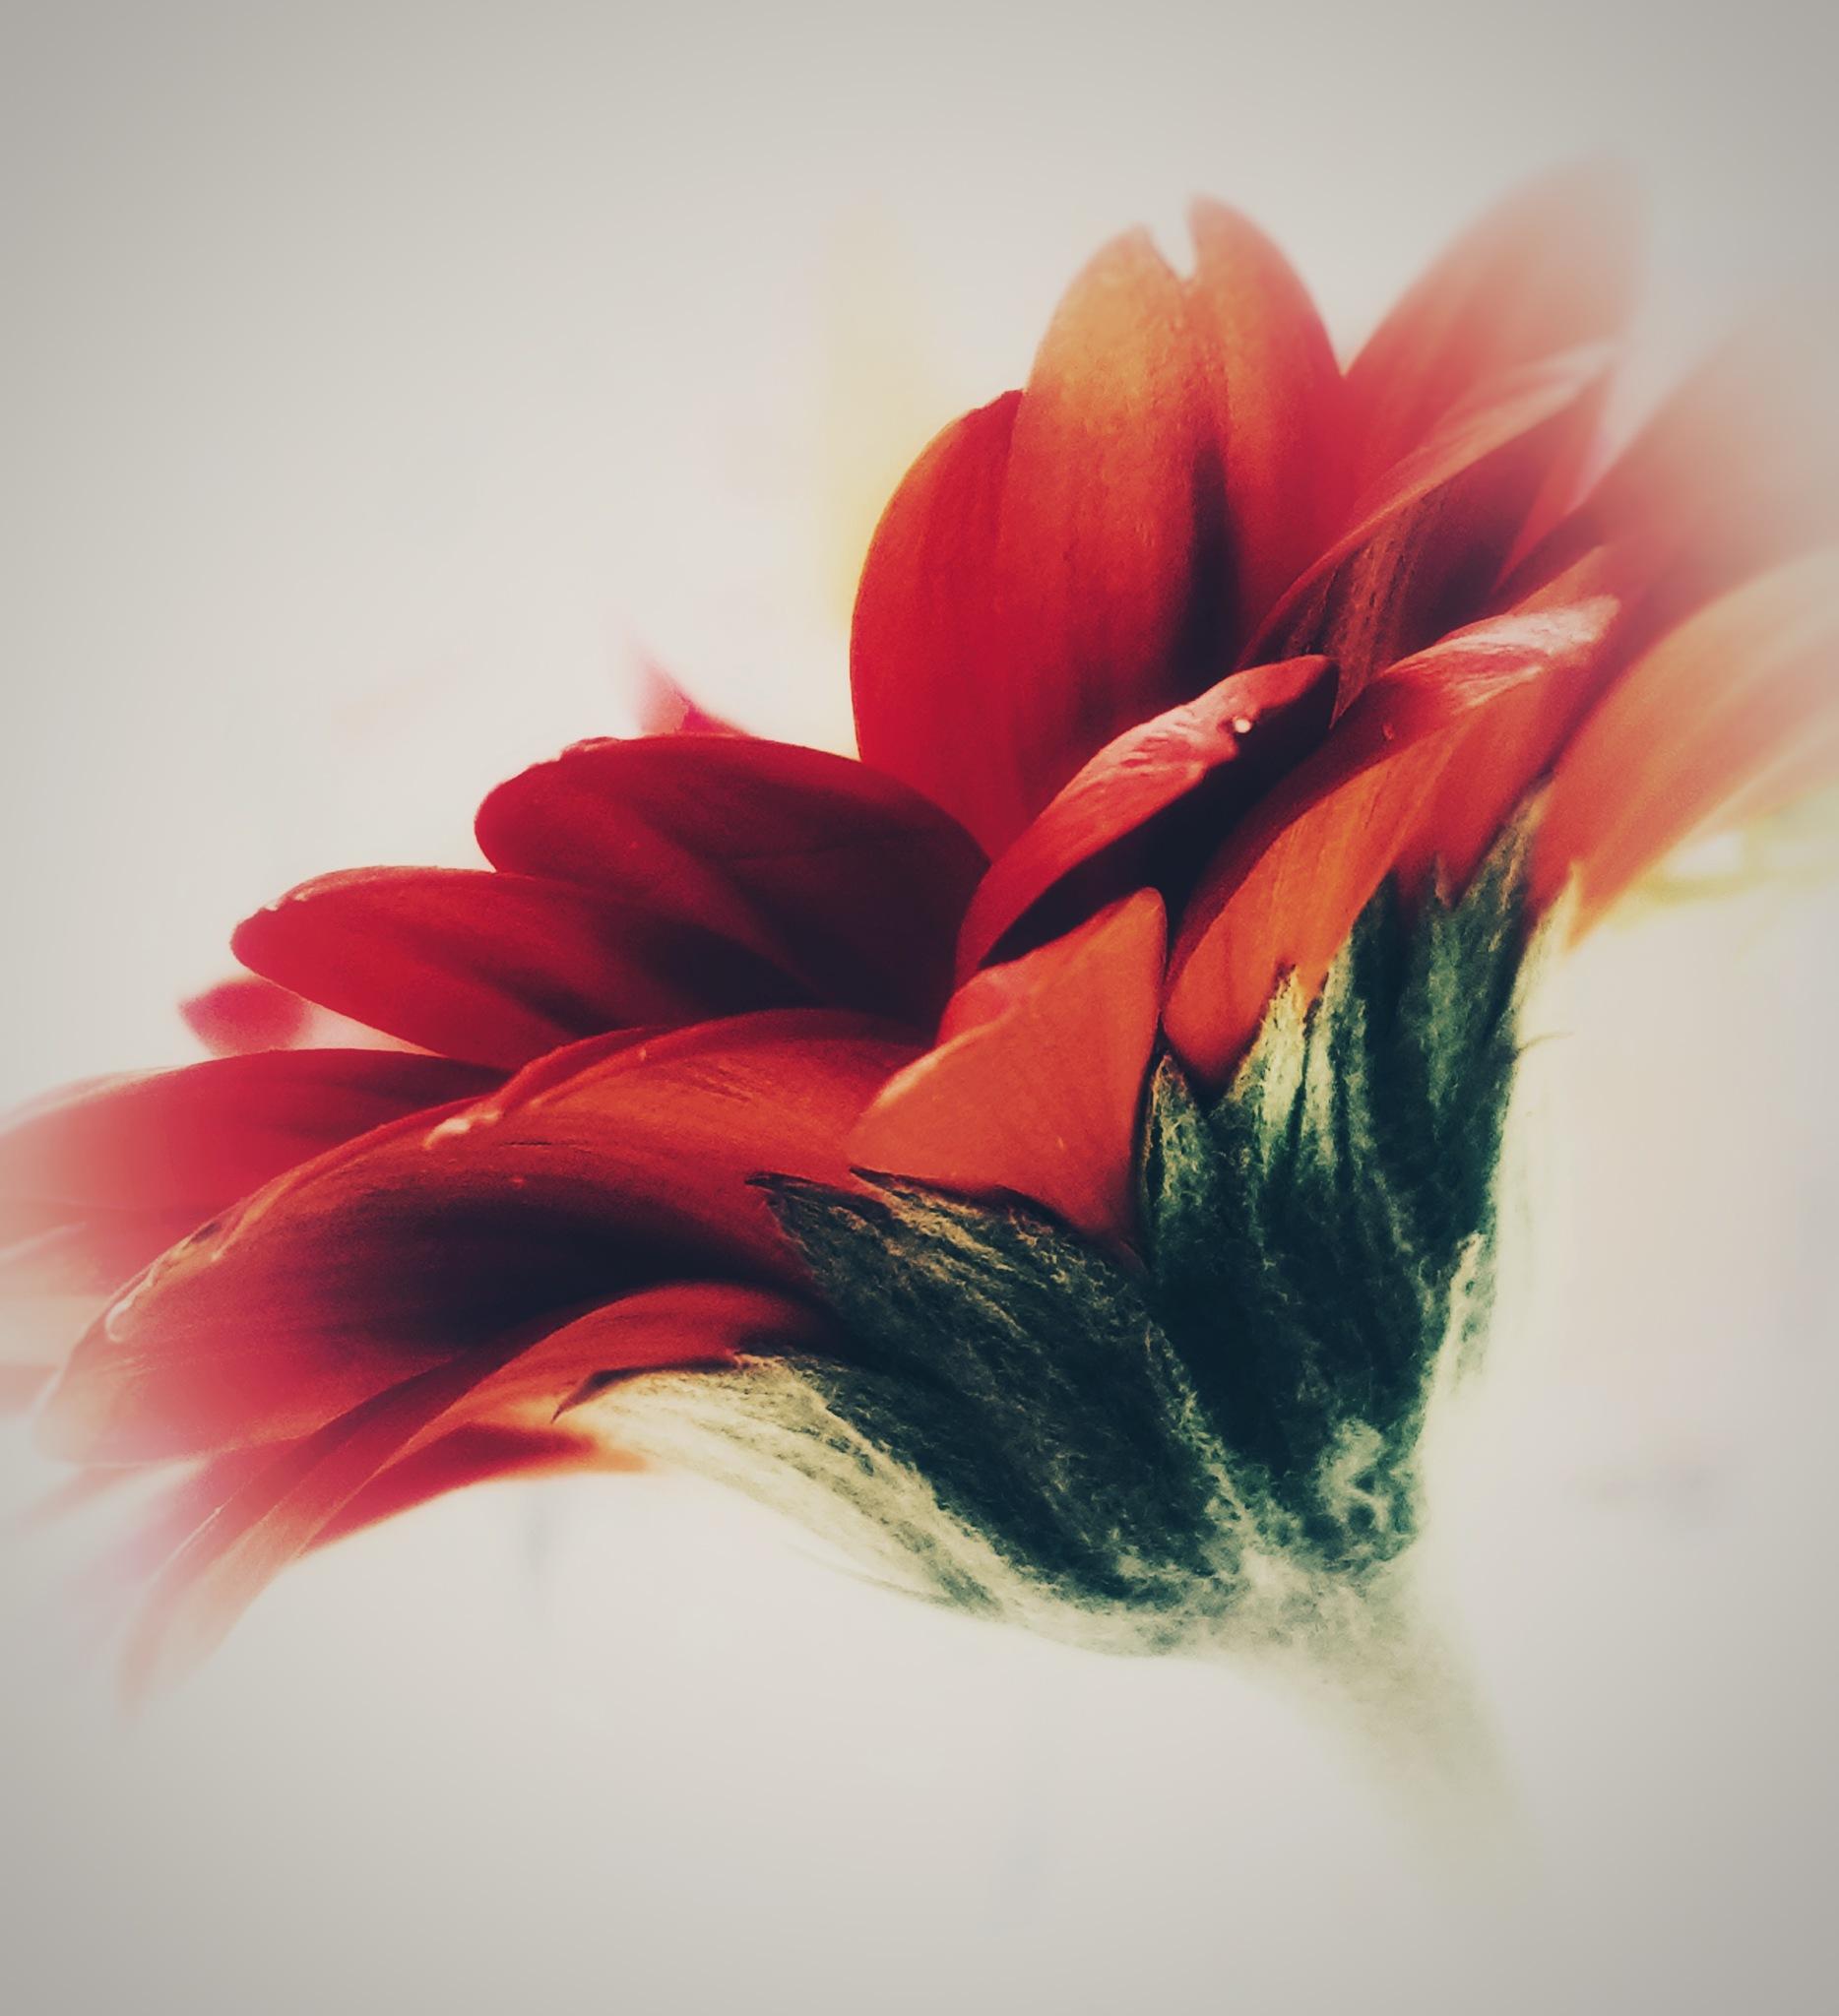 Flower by Annica Josefsson